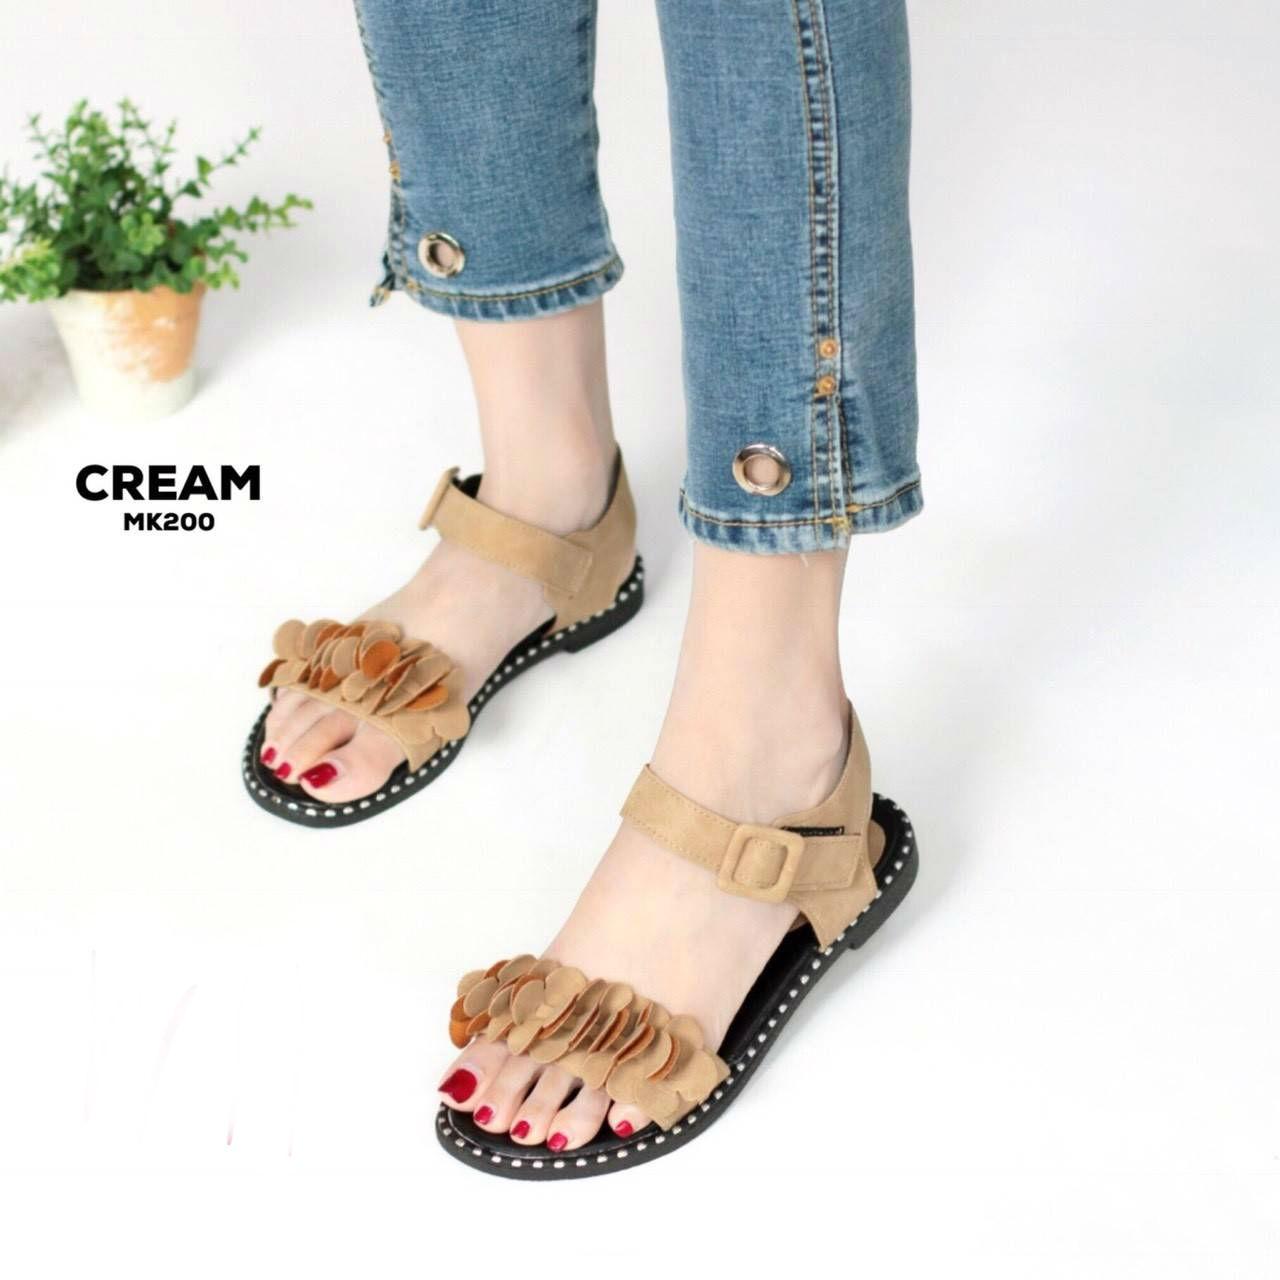 รองเท้าแตะแฟชั่น แบบสวม รัดส้น แต่งดอกไม้สวยหวานน่ารักสไตล์เกาหลี หนังนิ่ม ทรงสวย ใส่สบาย แมทสวยได้ทุกชุด (MK200)